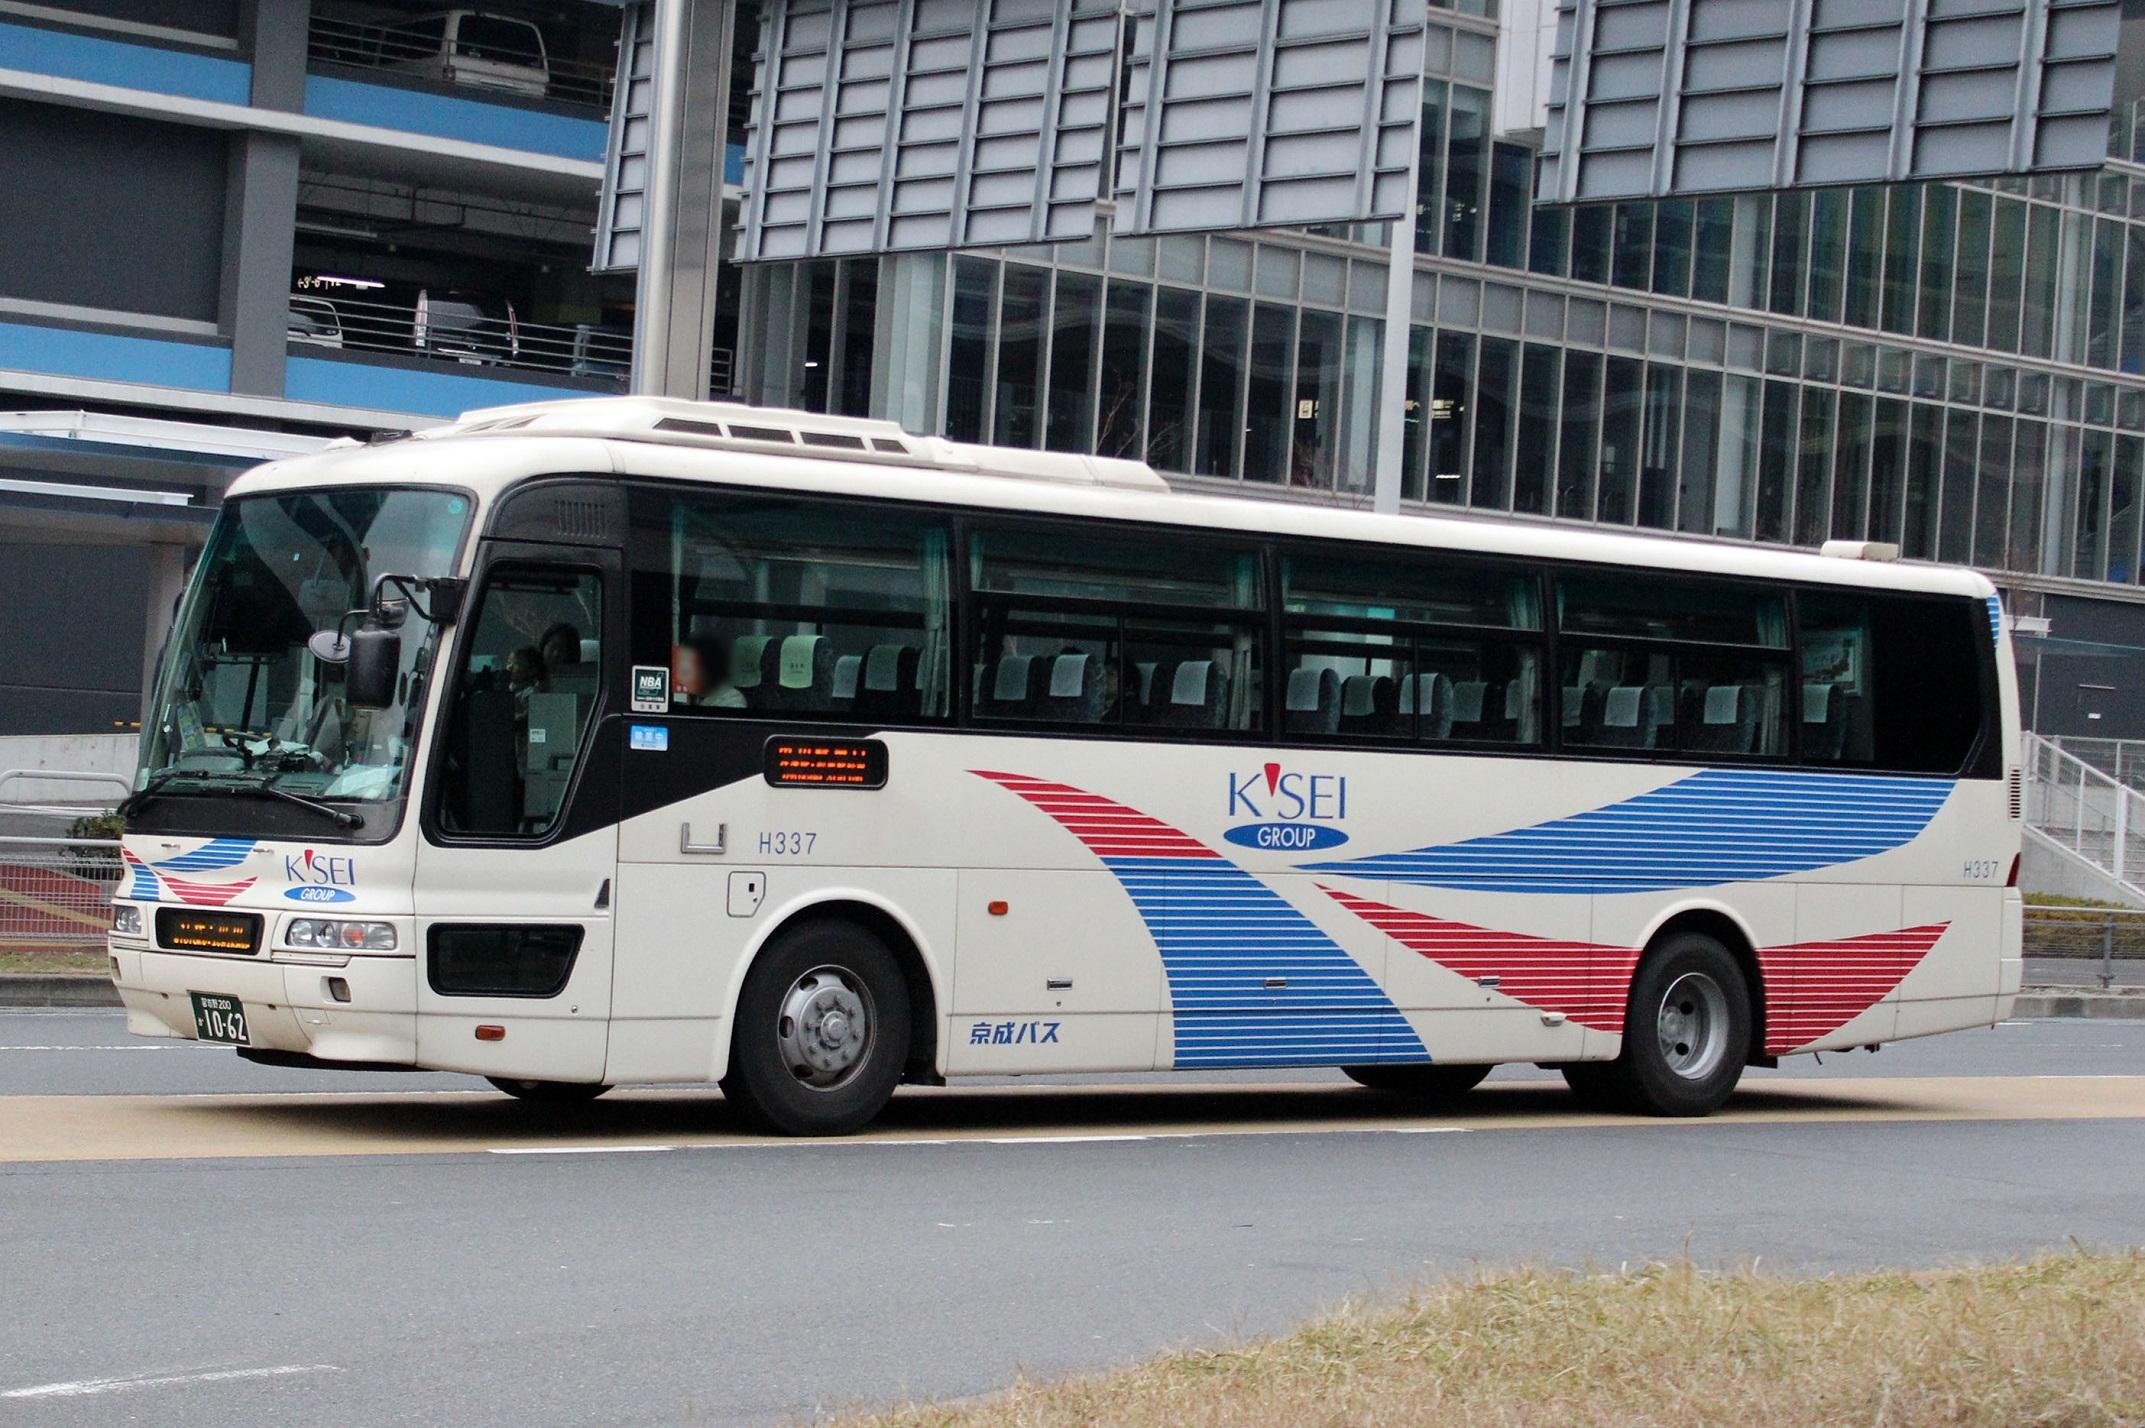 京成バス H337